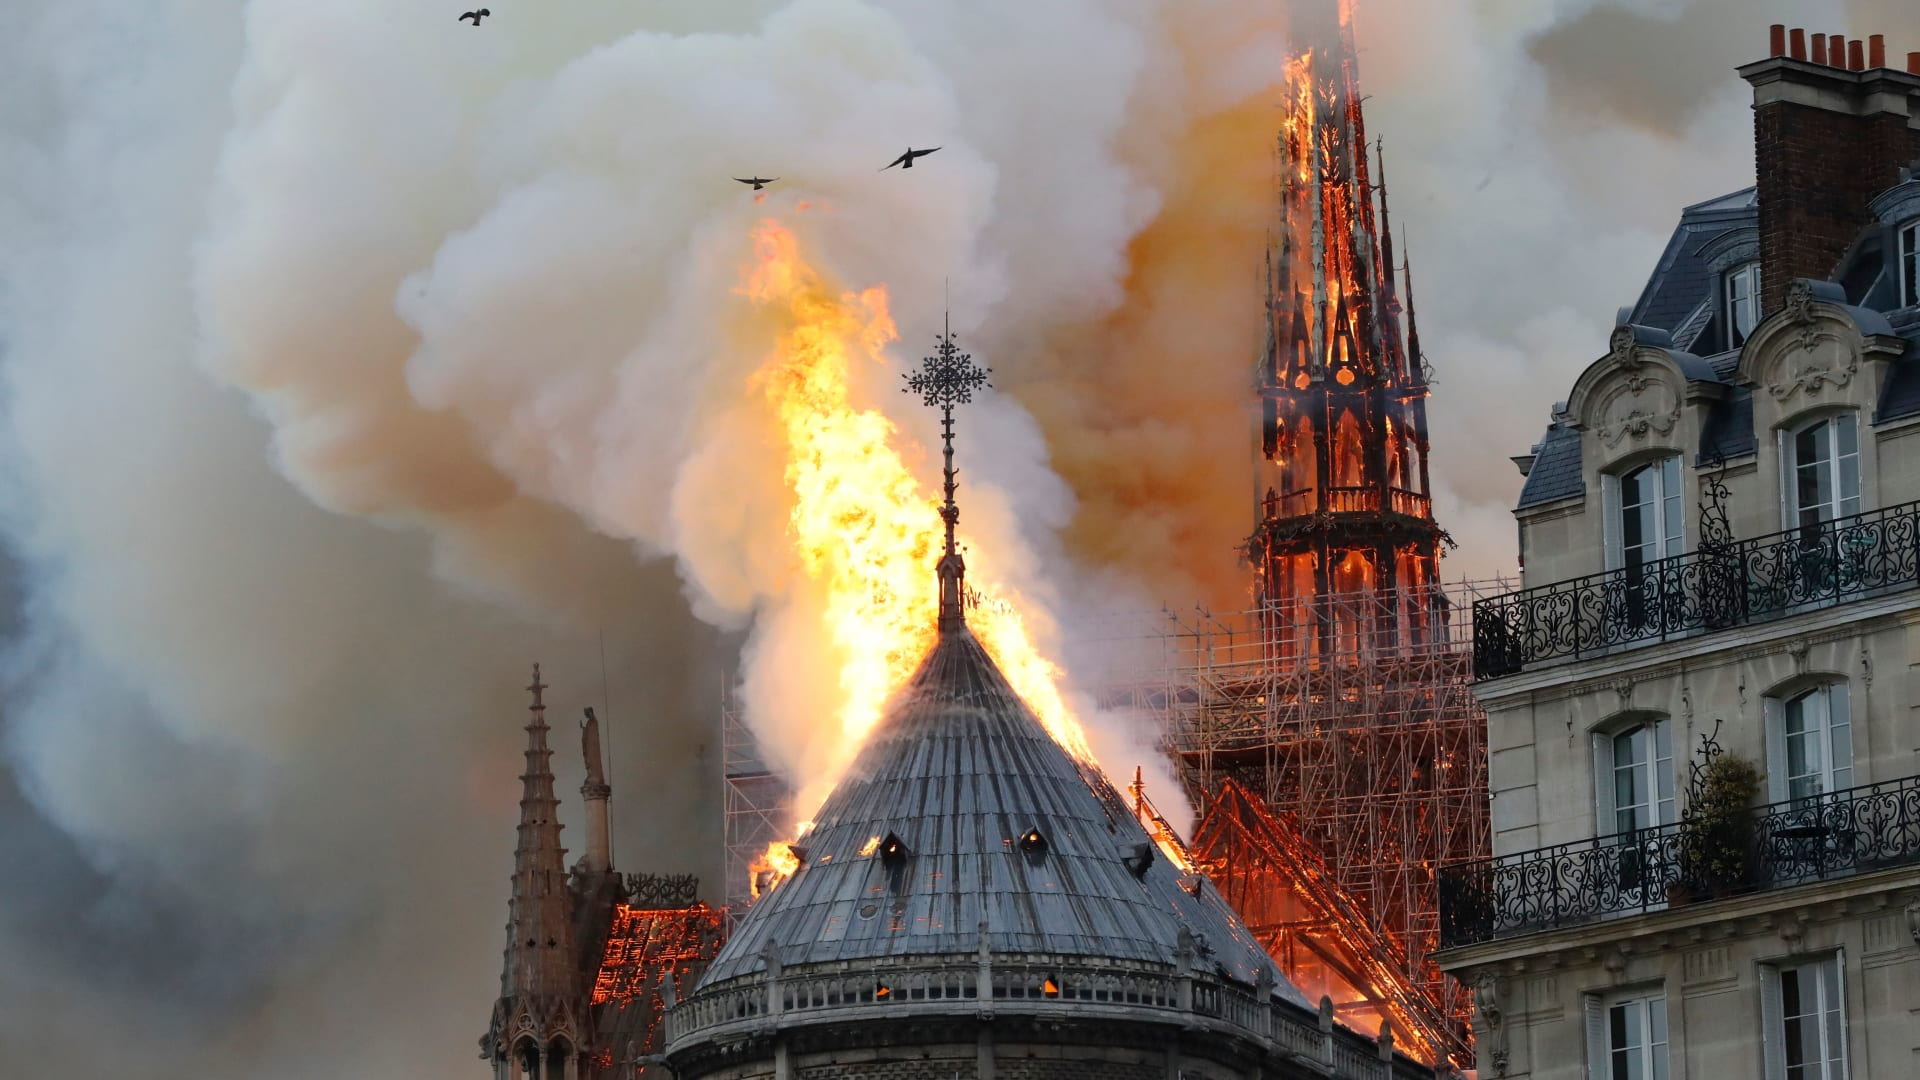 مليارديرات فرنسيون يتعهدون بـ450 مليون دولار لترميم كاتدرائية نوتردام